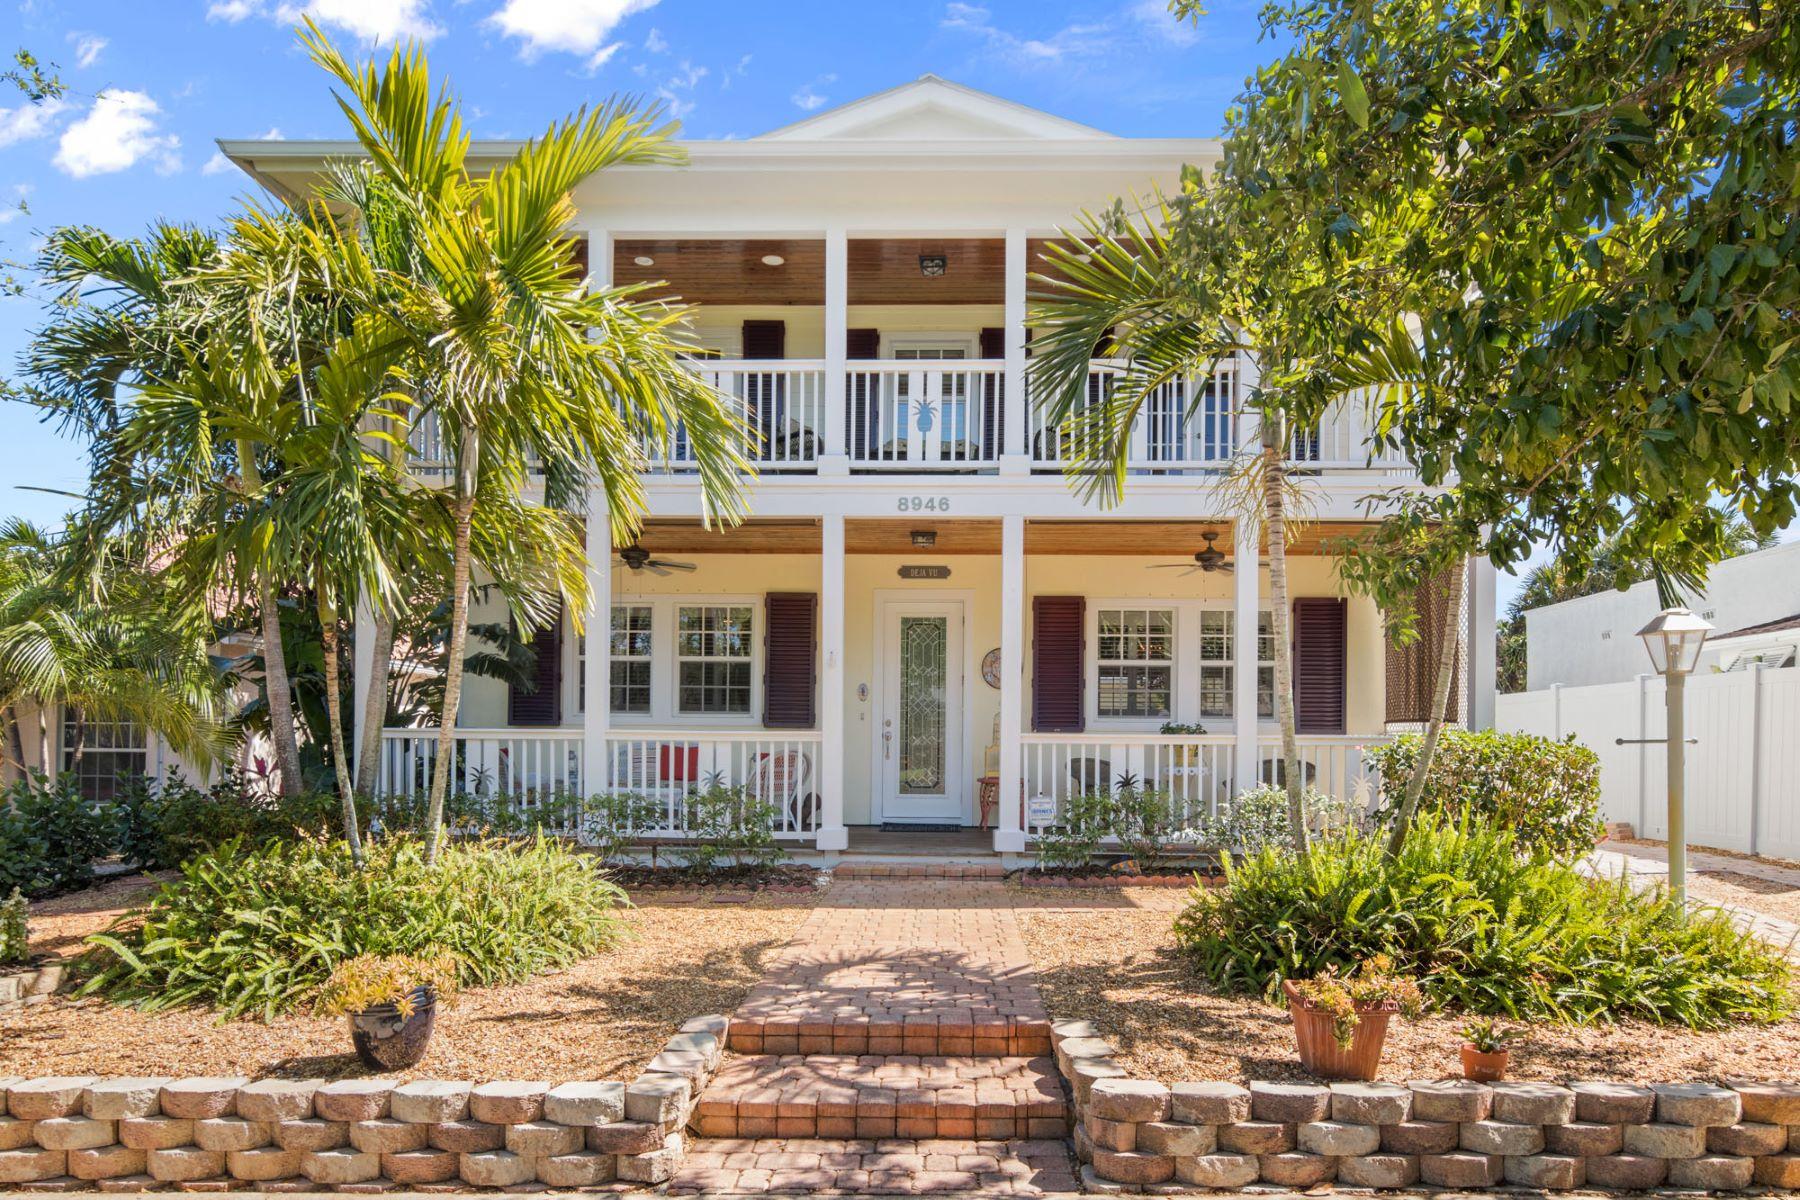 Casa para uma família para Venda às 8946 SE Mars Street Hobe Sound, Florida, 33455 Estados Unidos